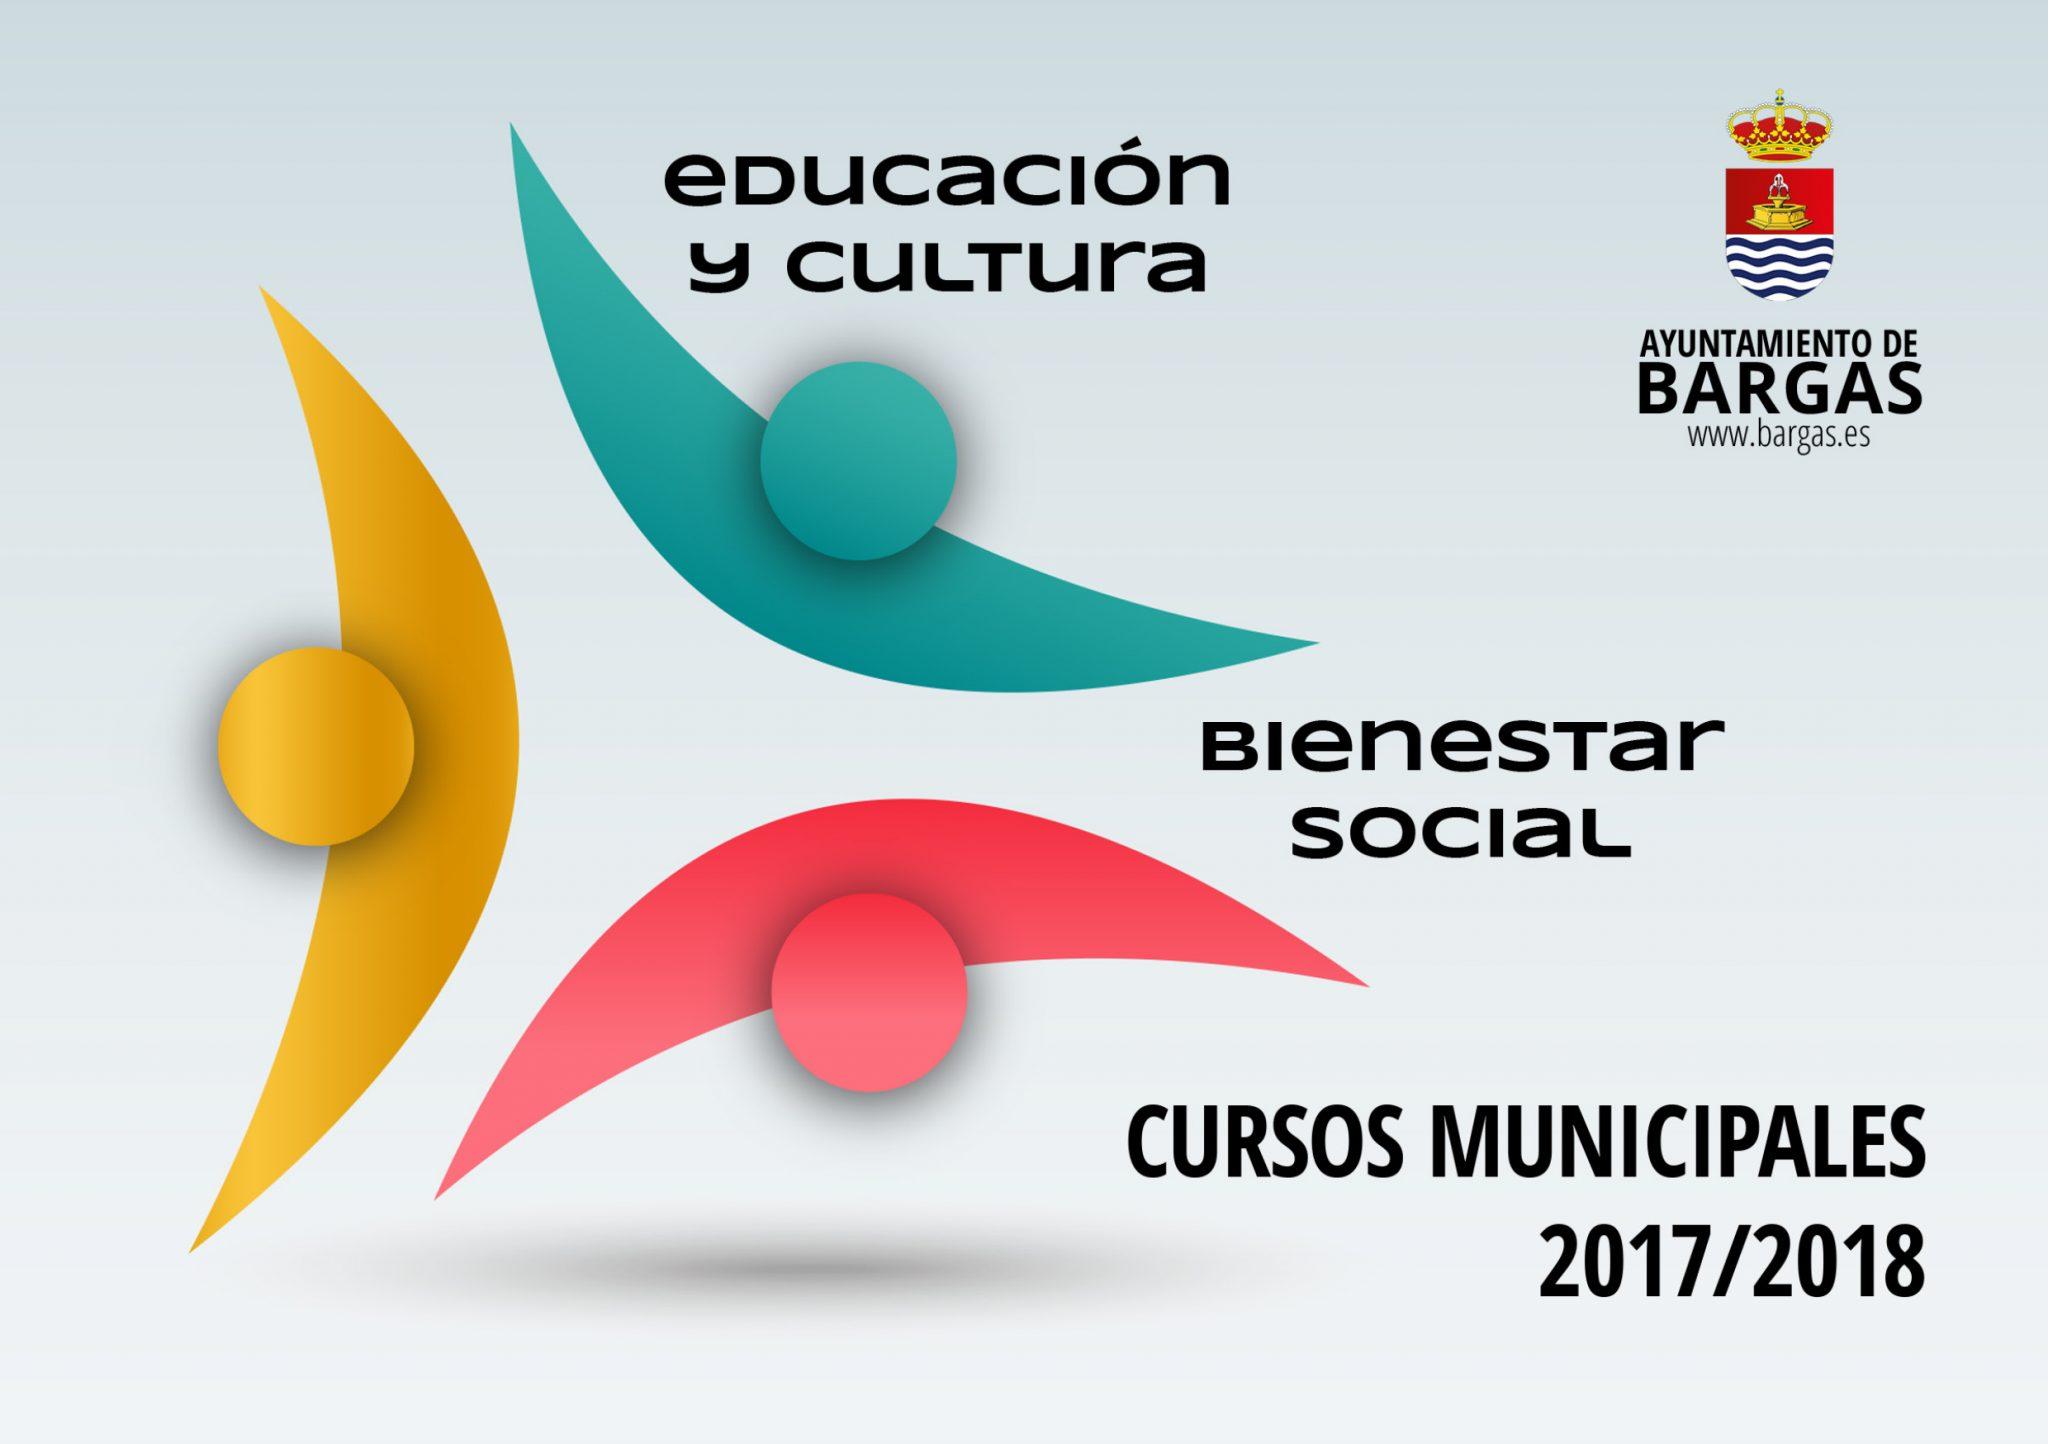 Cursos Municipales 2017/2018